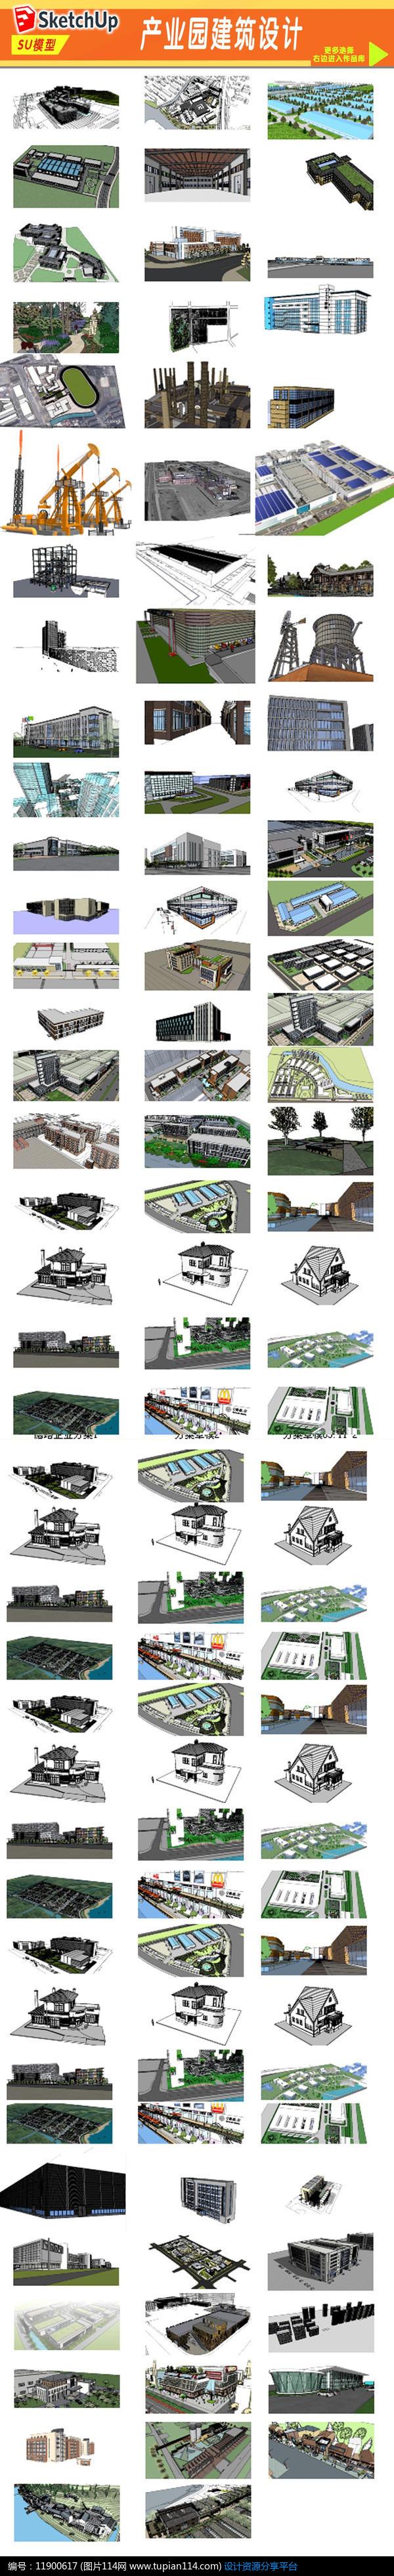 产业园建筑规划设计